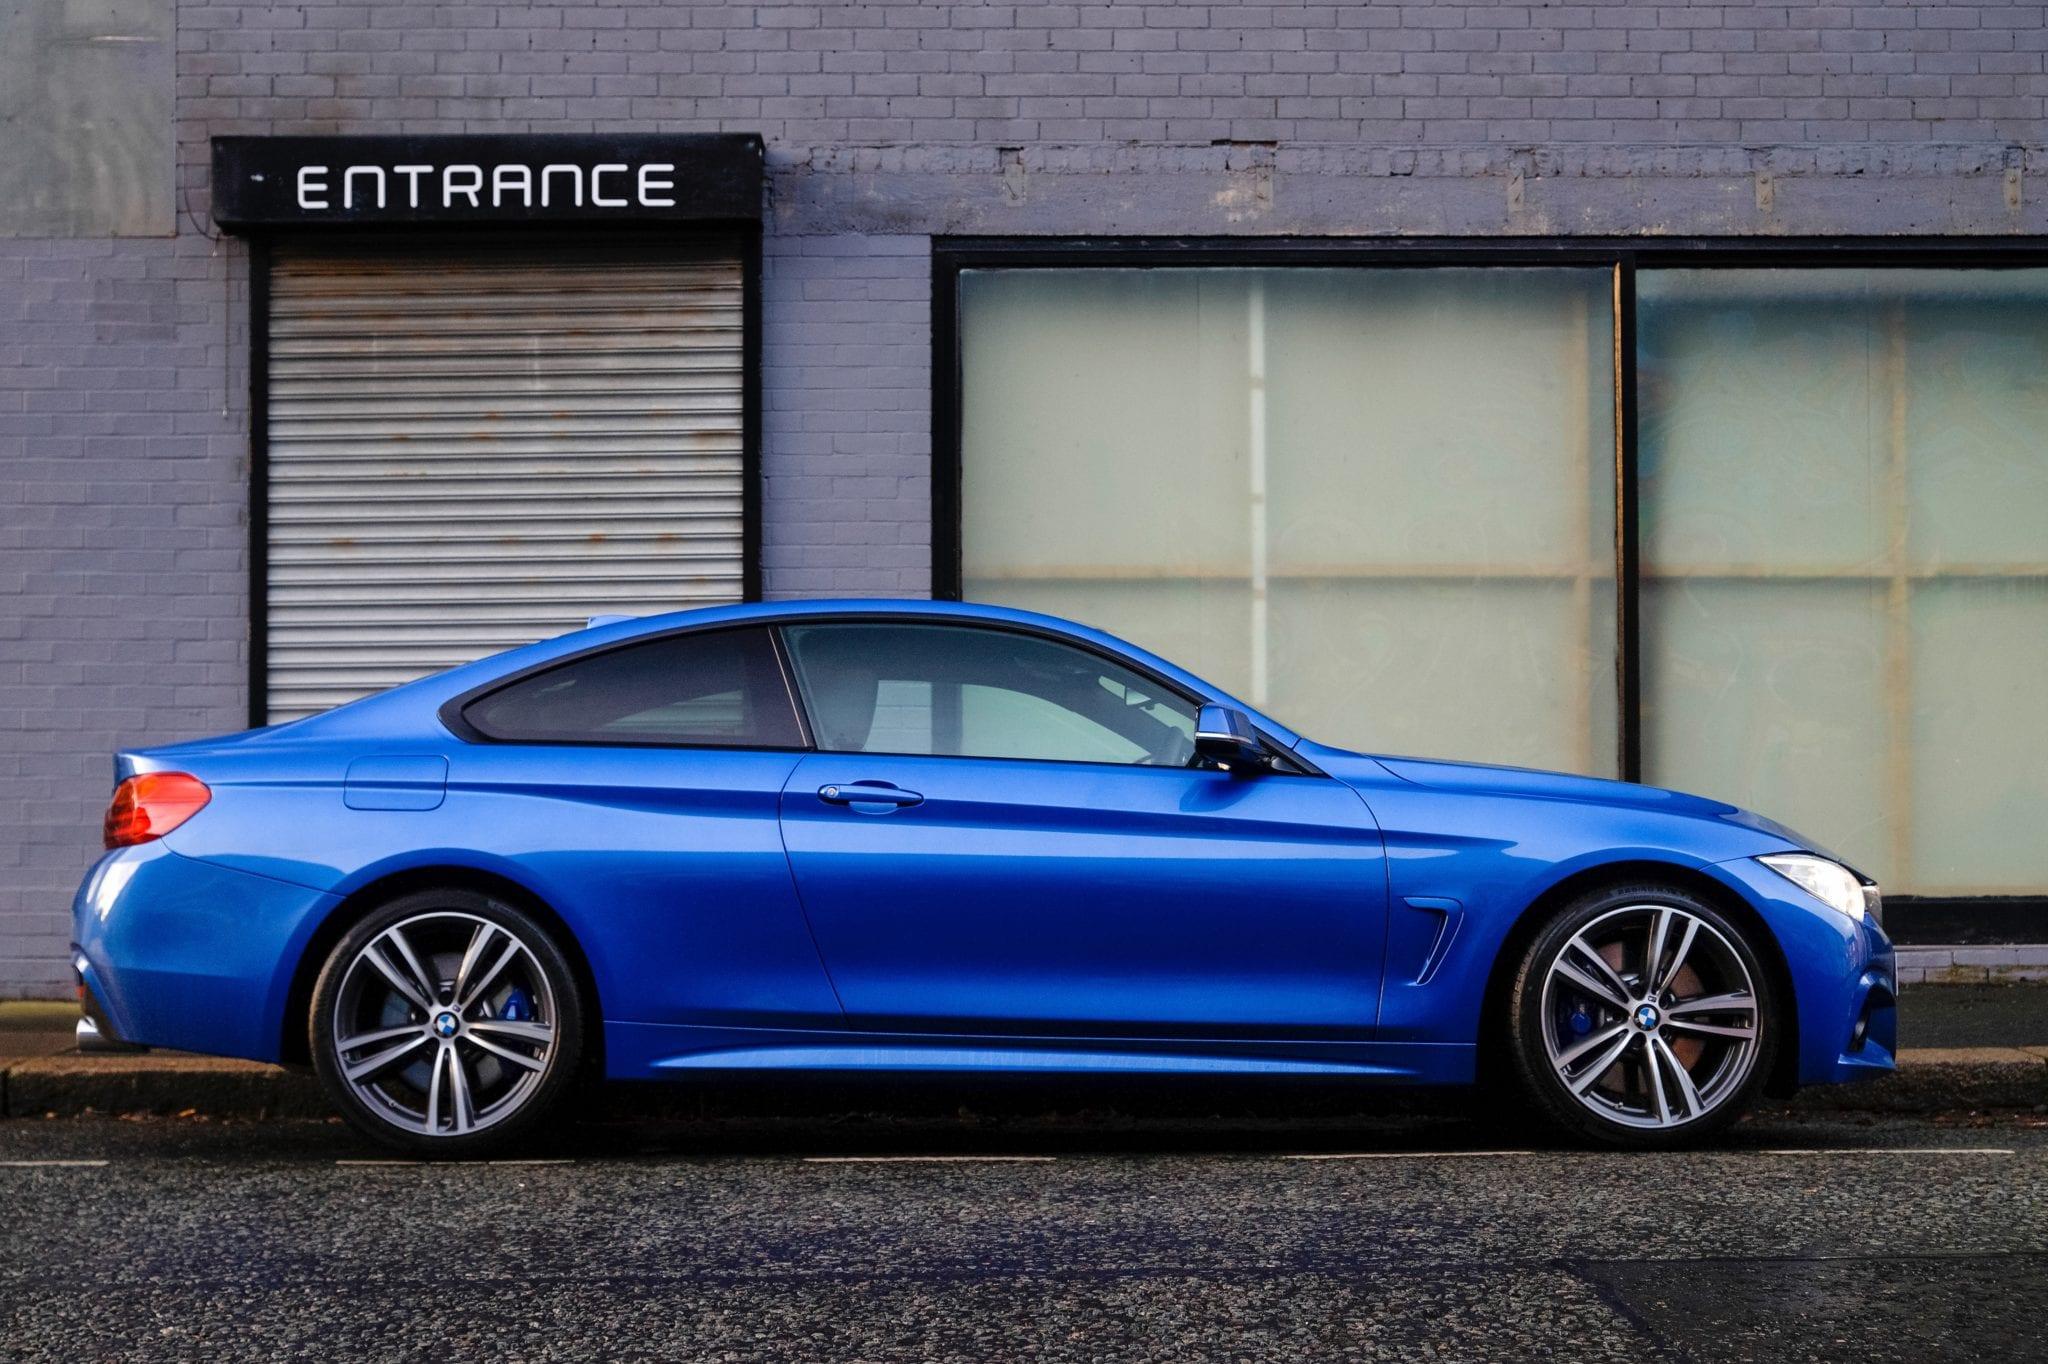 สีที่ถูกโฉลก สีรถถูกโฉลก สีรถถูกโฉลกตามวันเกิด ซื้อรถคันแรก